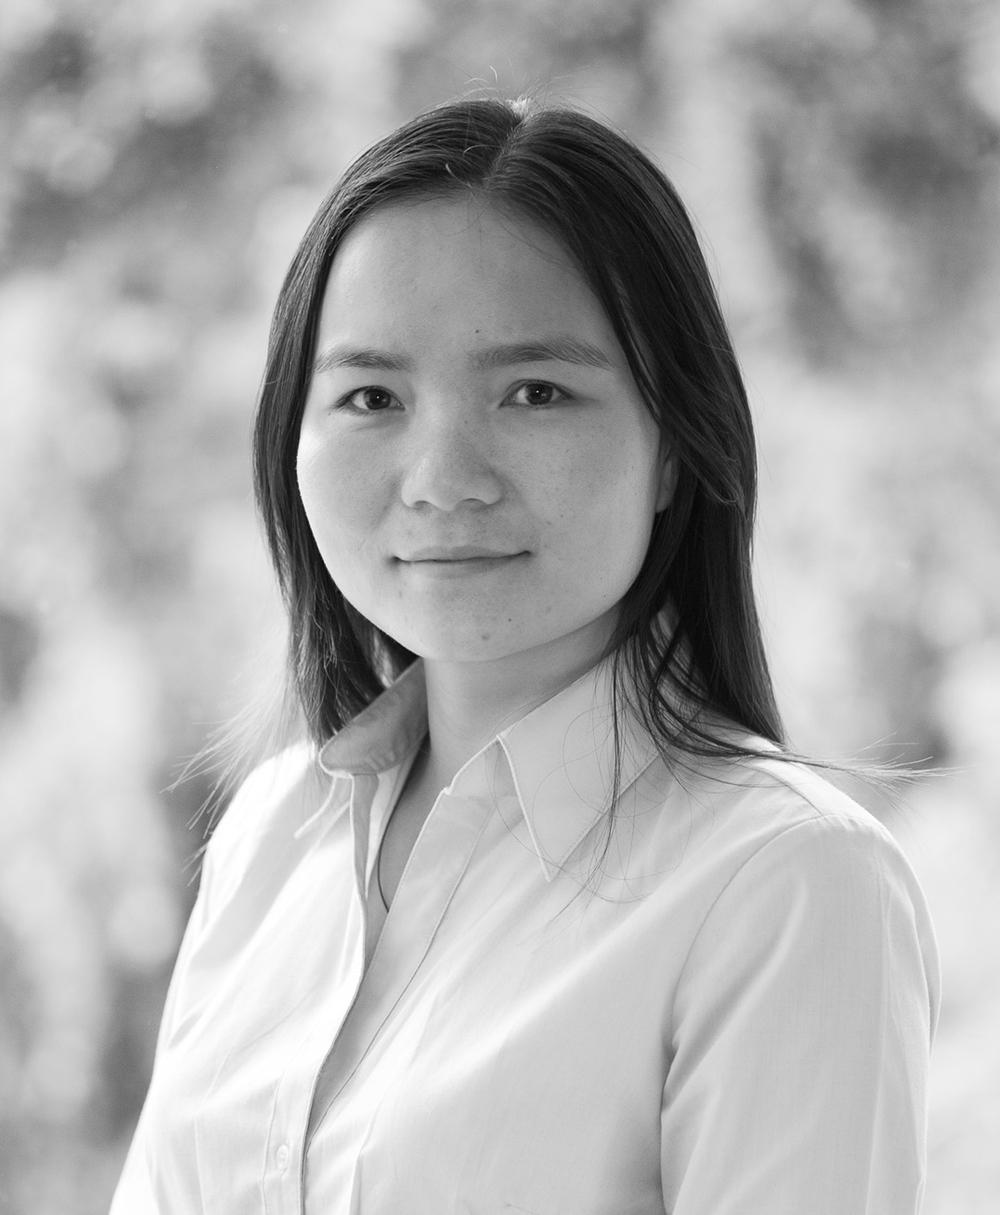 Lilianna Yu